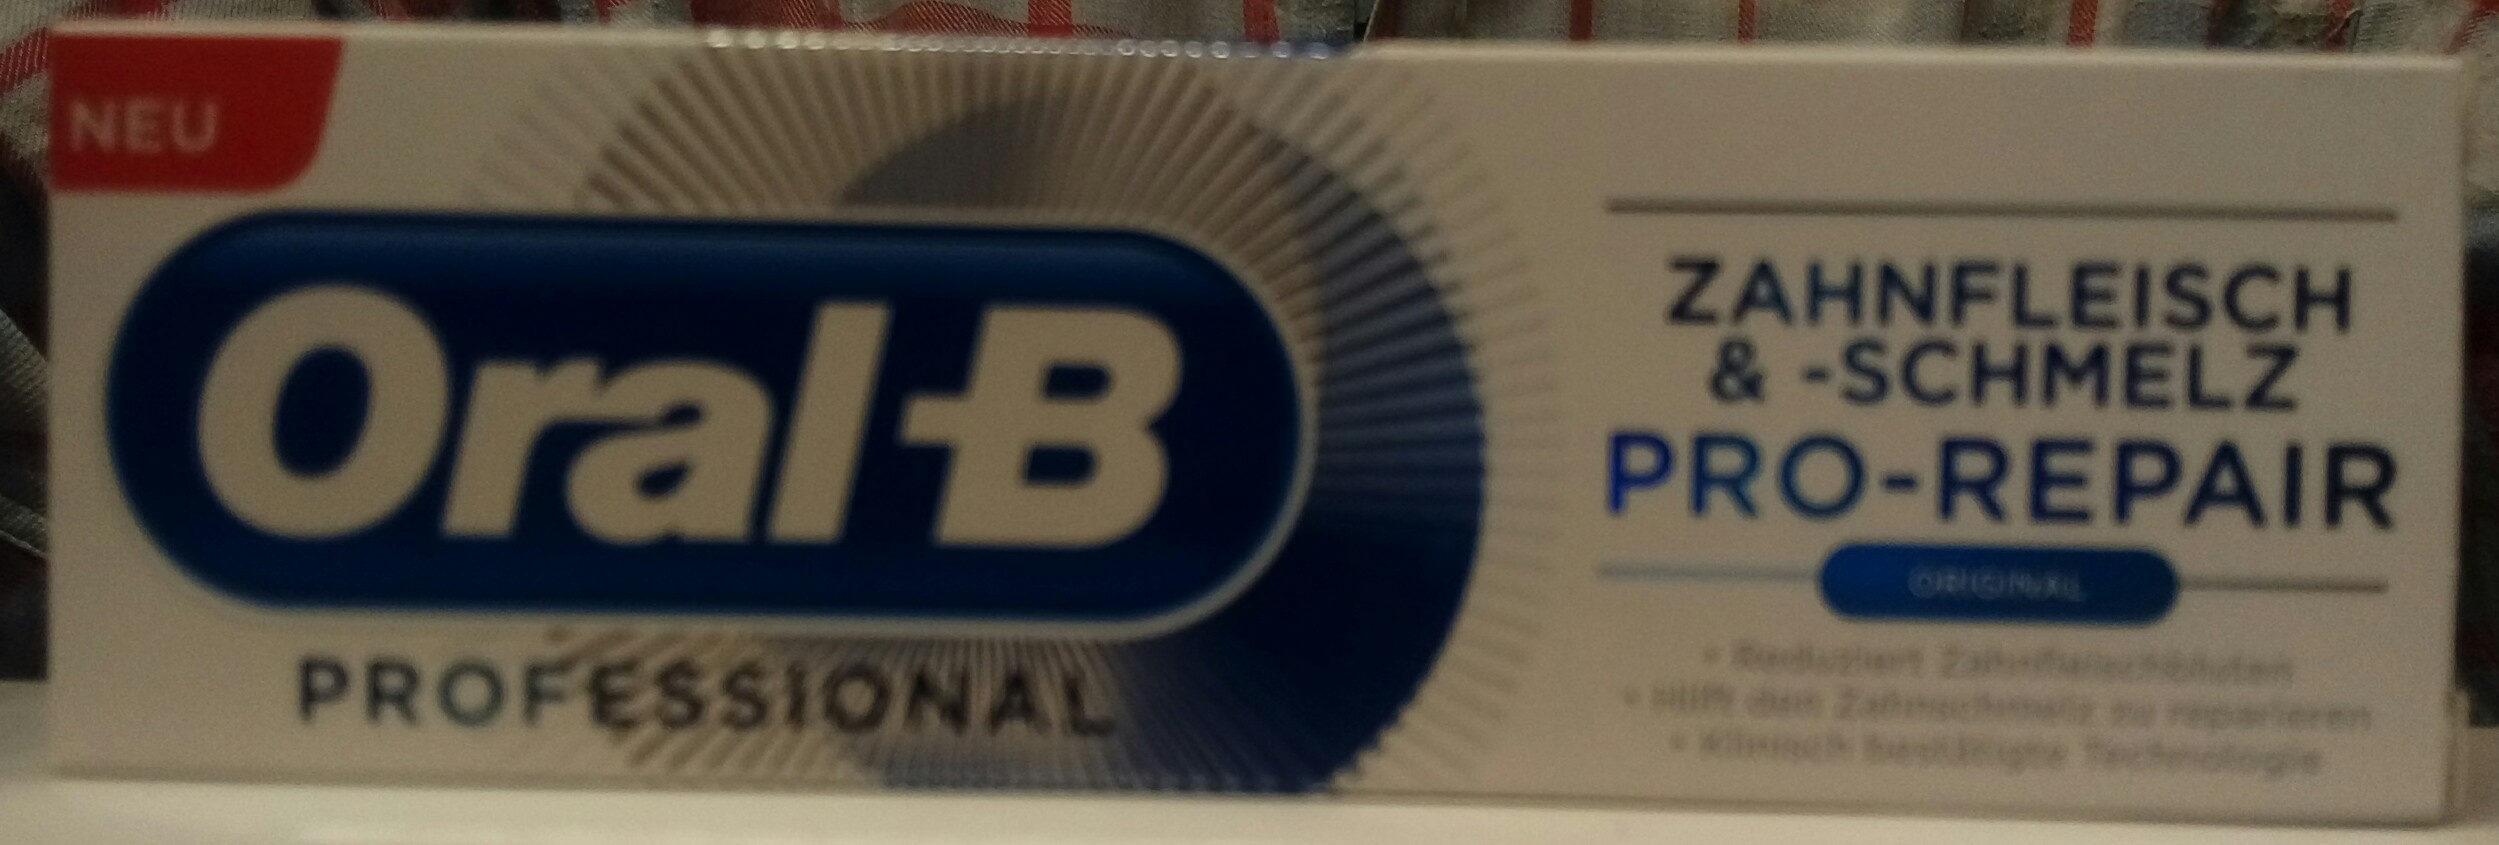 Oral-B PROFESSIONAL Zahnfleisch & -schmelz PRO-REPAIR ORIGINAL - Product - de